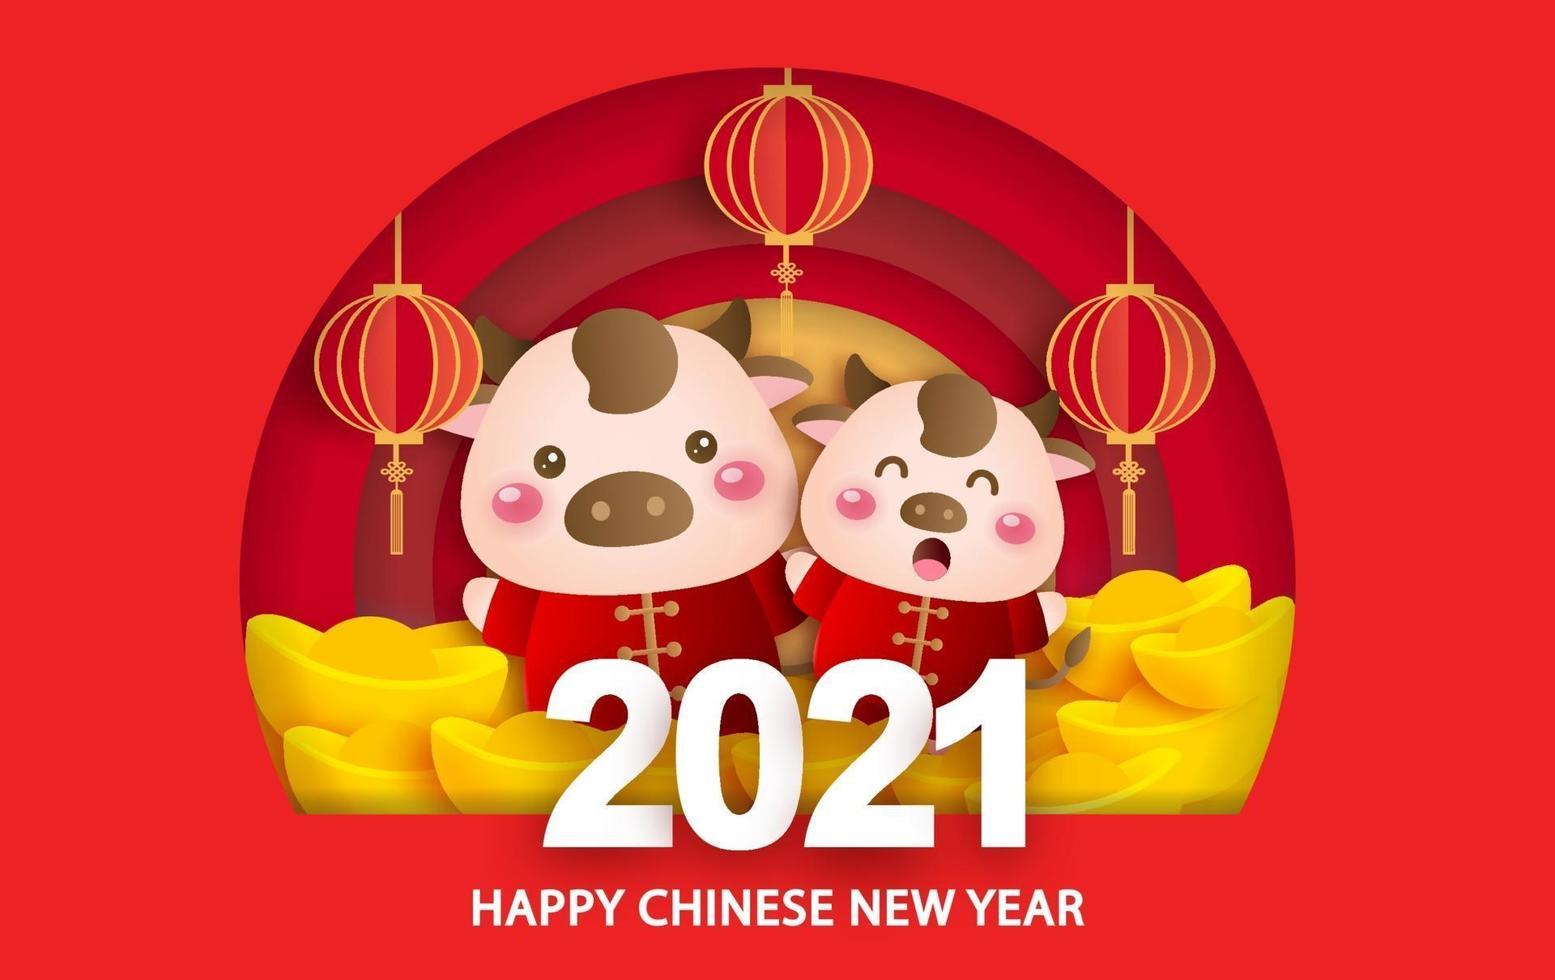 kinesiskt nyår 2021 år av oxens gratulationskort med en söt oxe vektor